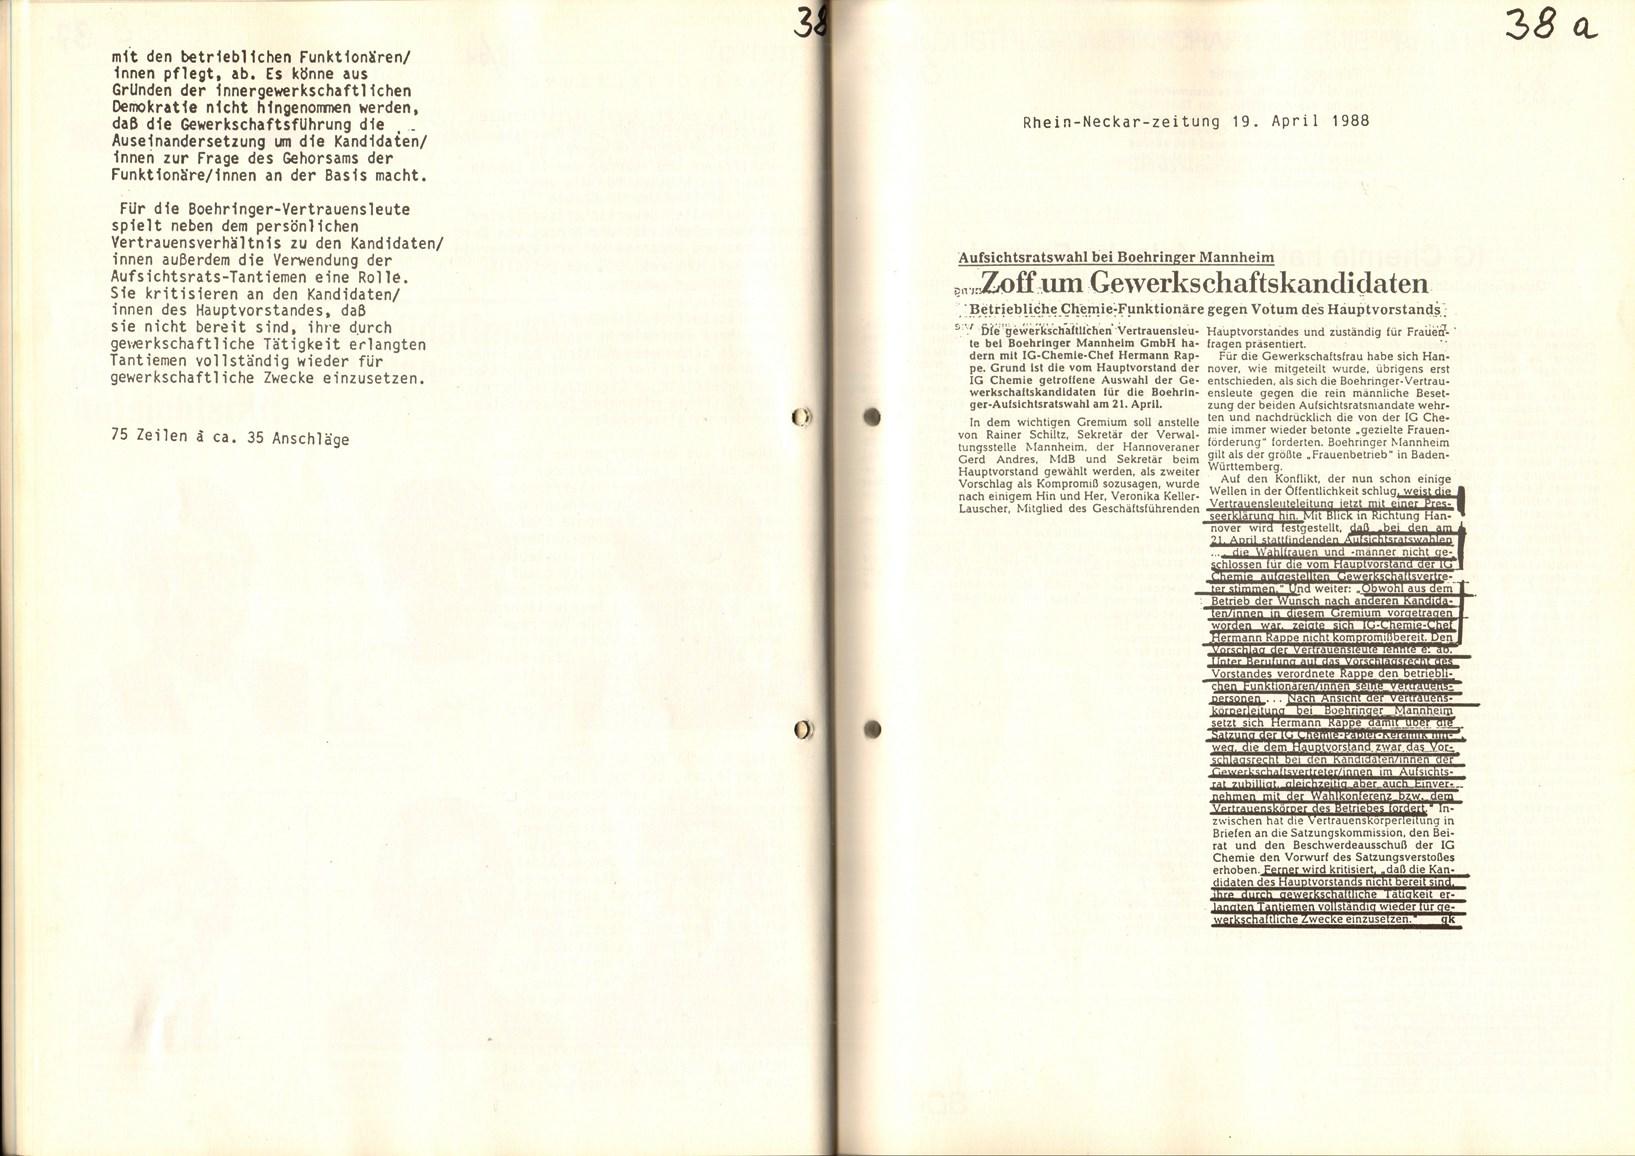 Mannheim_Boehringer_Ausschluss_VKL_Doku1_1988_40